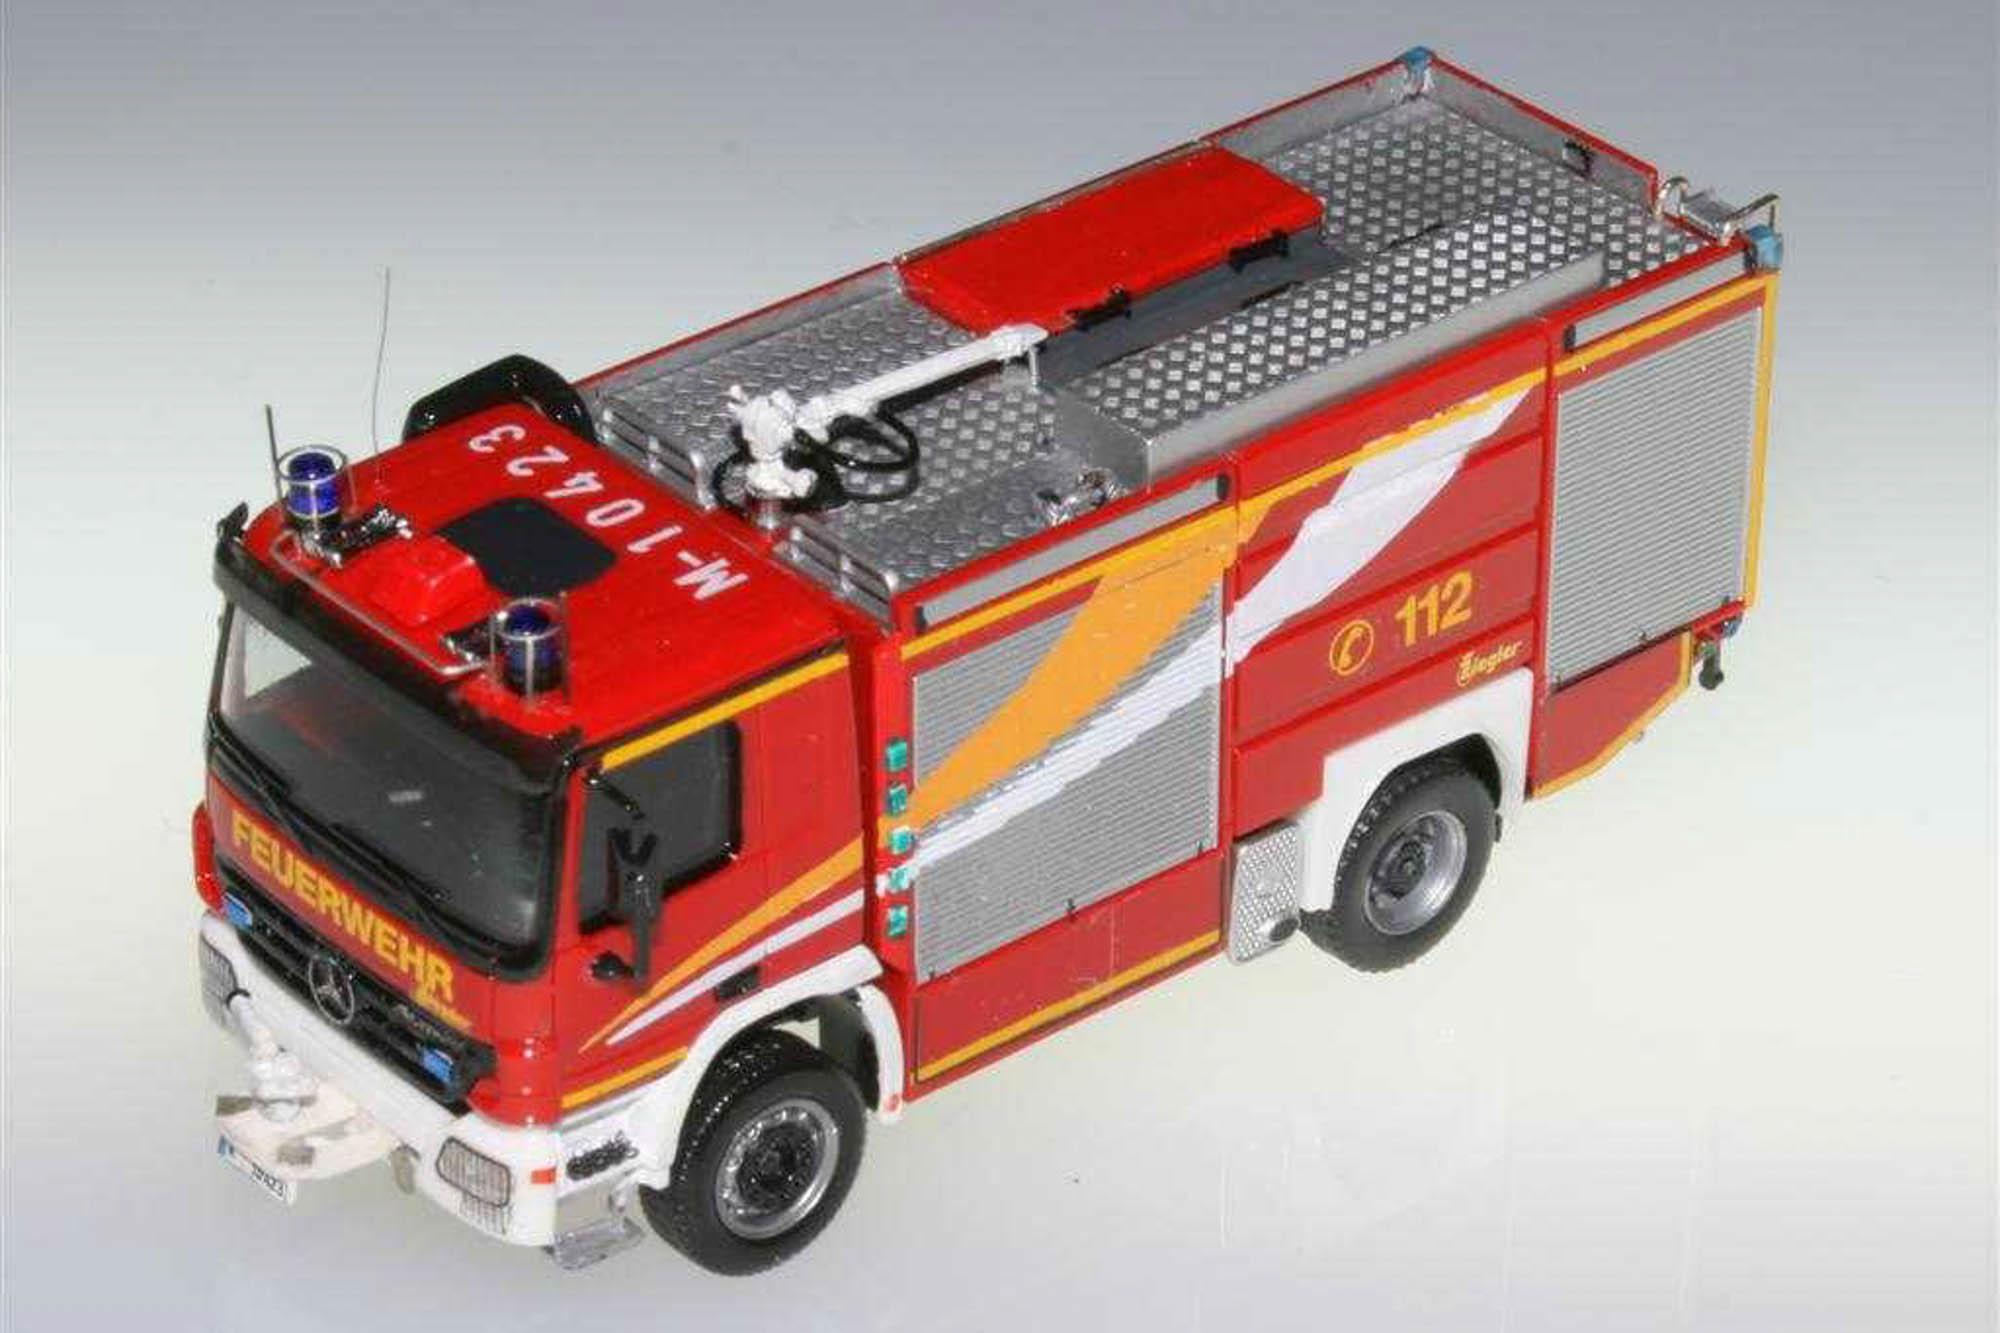 Freiwillige Feuerwehr Ottobrunn